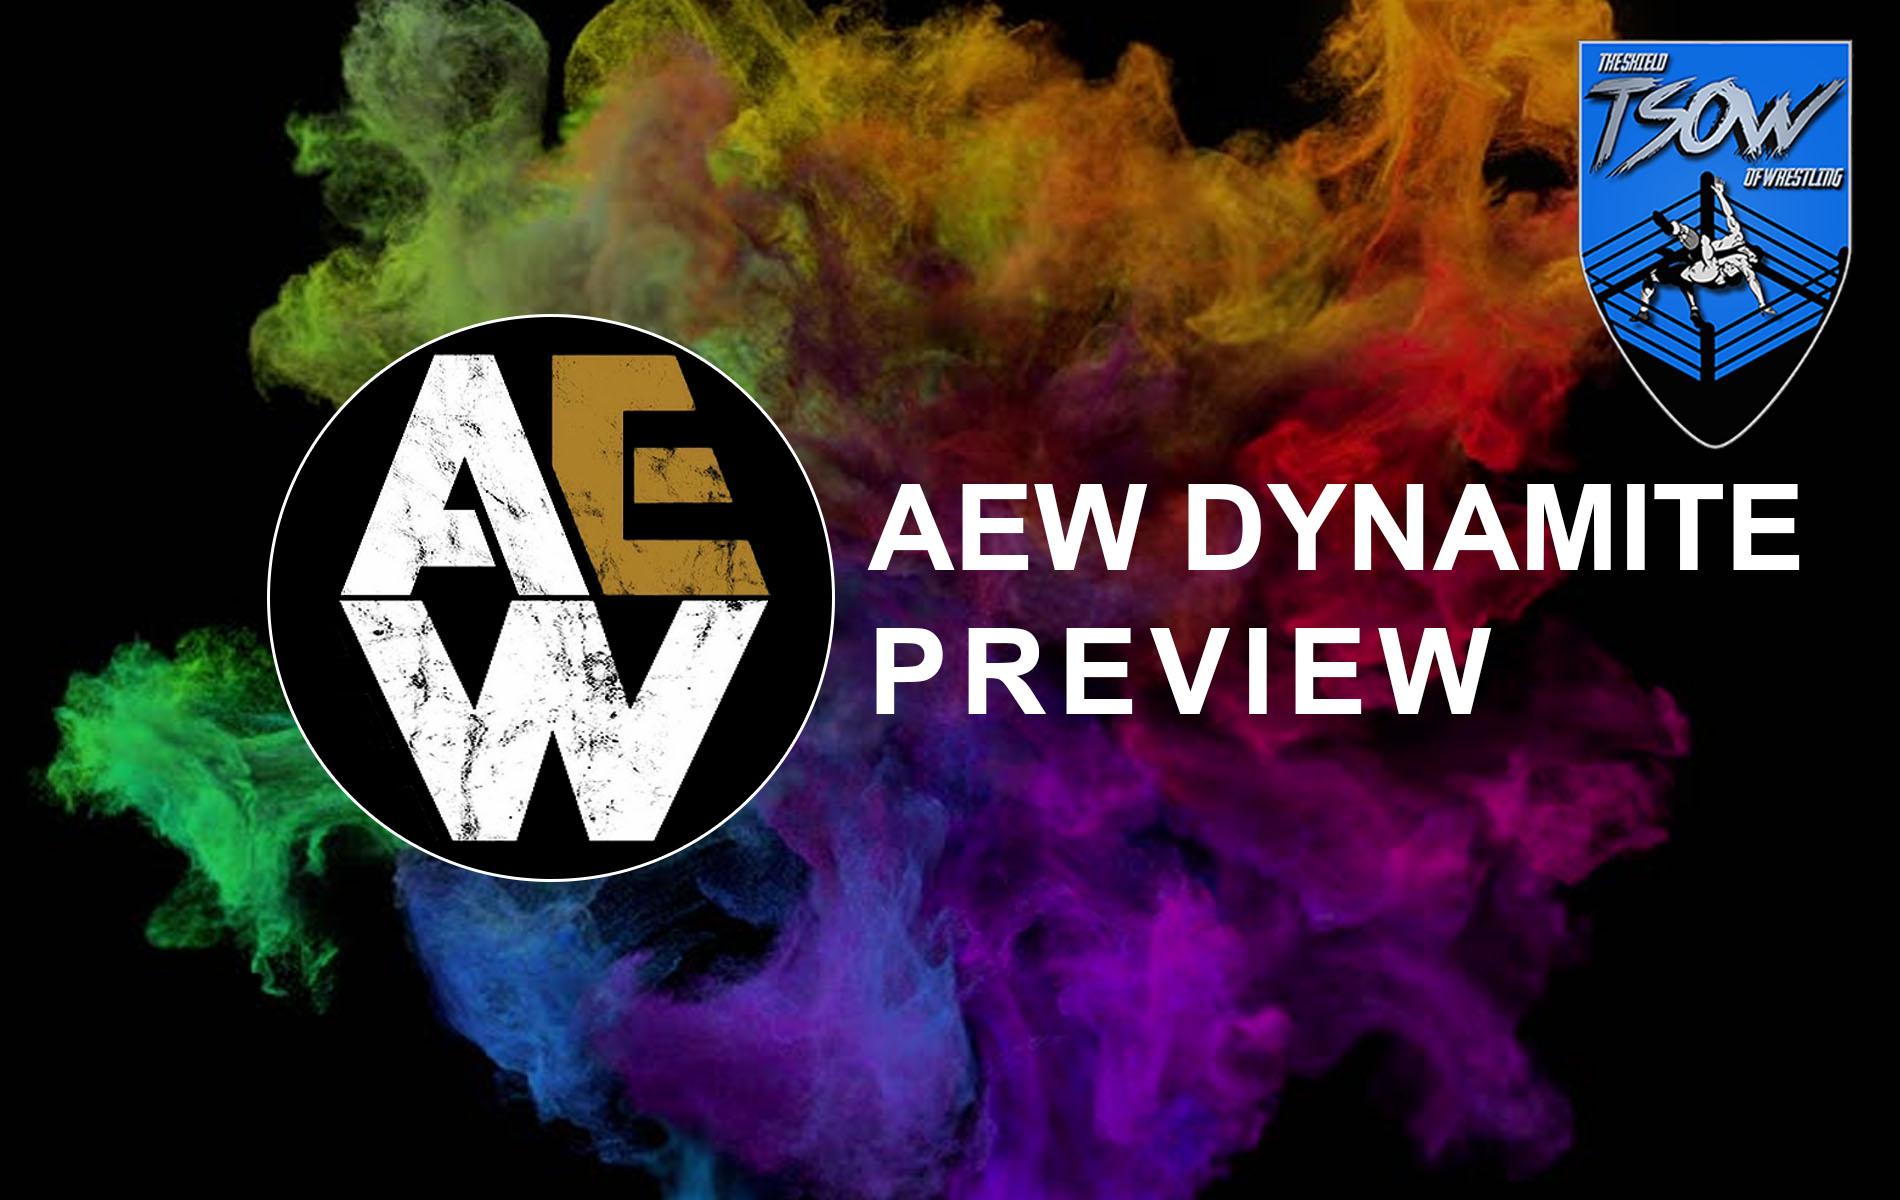 AEW Dynamite Preview 29 07 2020